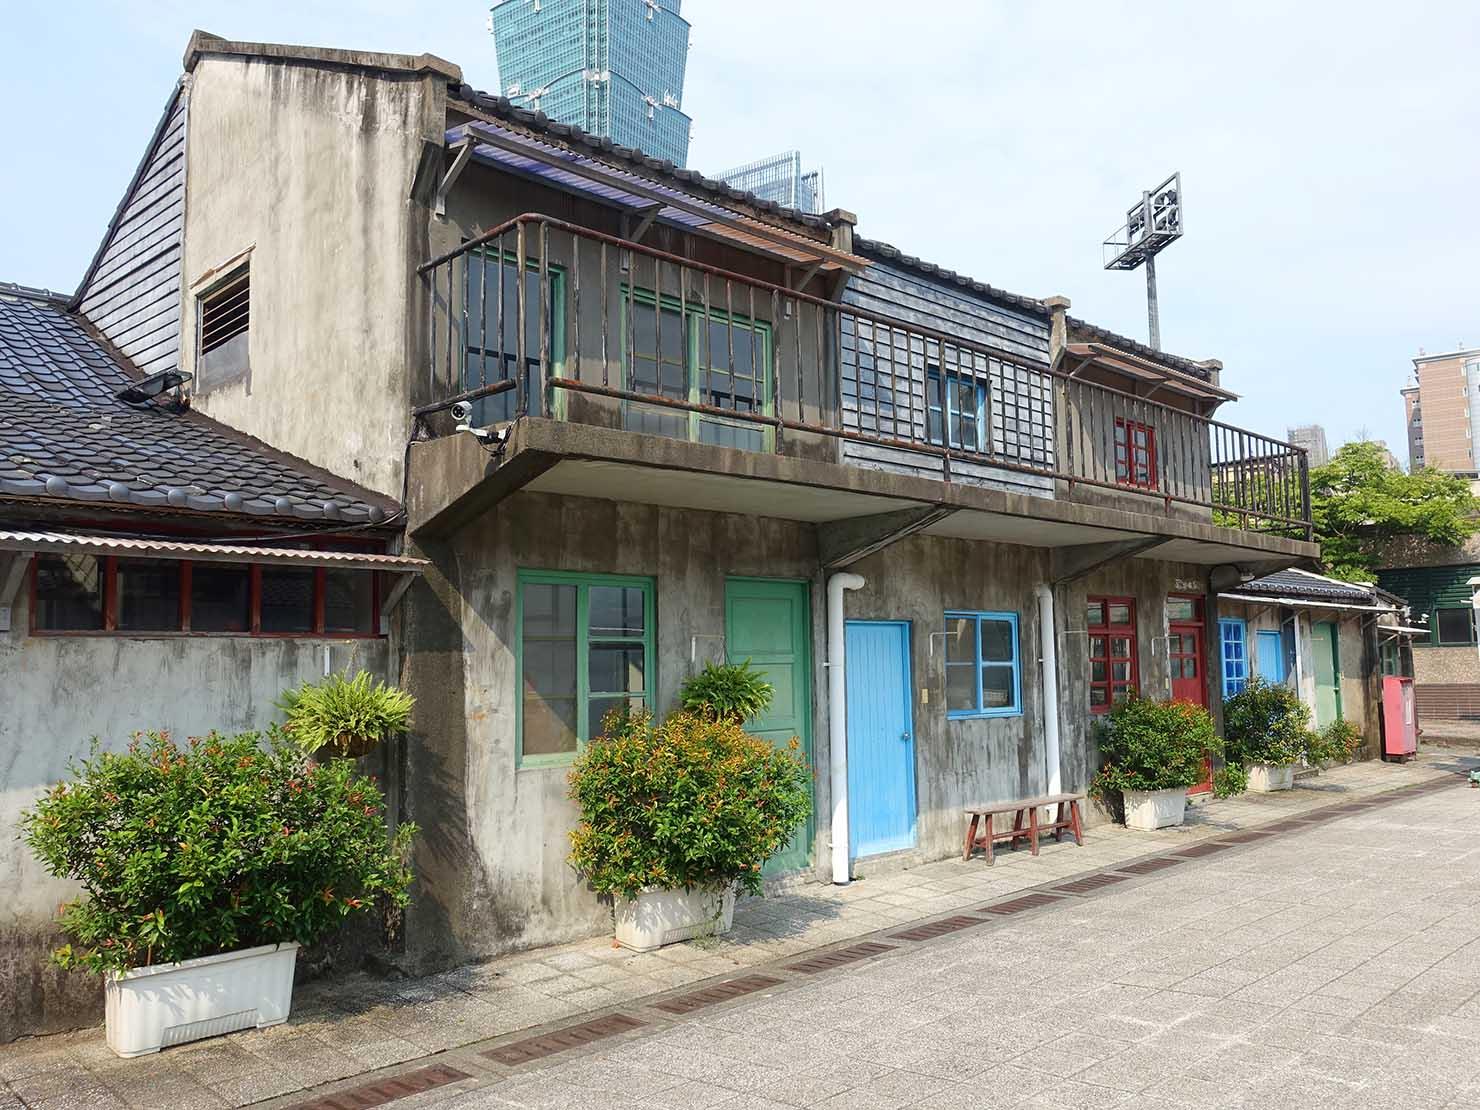 台北101エリアのフォトジェニックスポット「四四南村」の建物